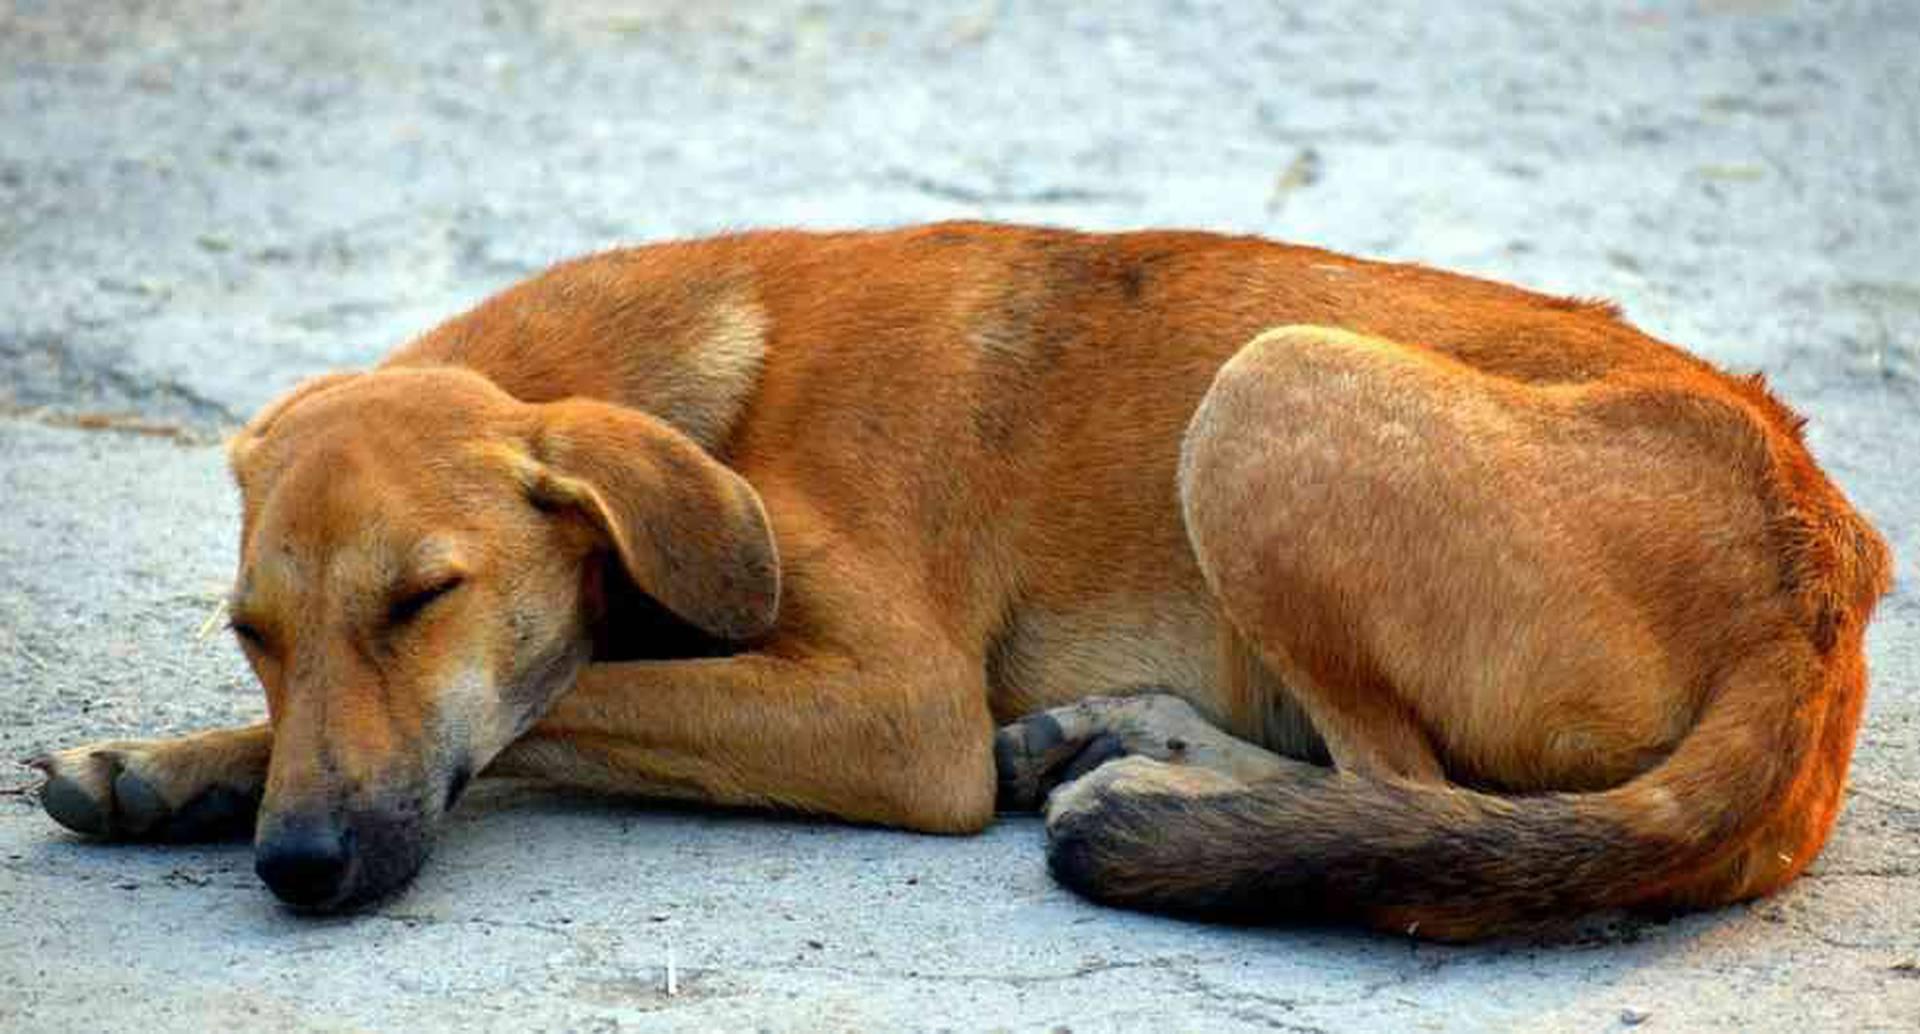 Se estima que en Colombia existen cerca de 1 millón de animales domésticos en estado de abandono. Foto: Pixabay.